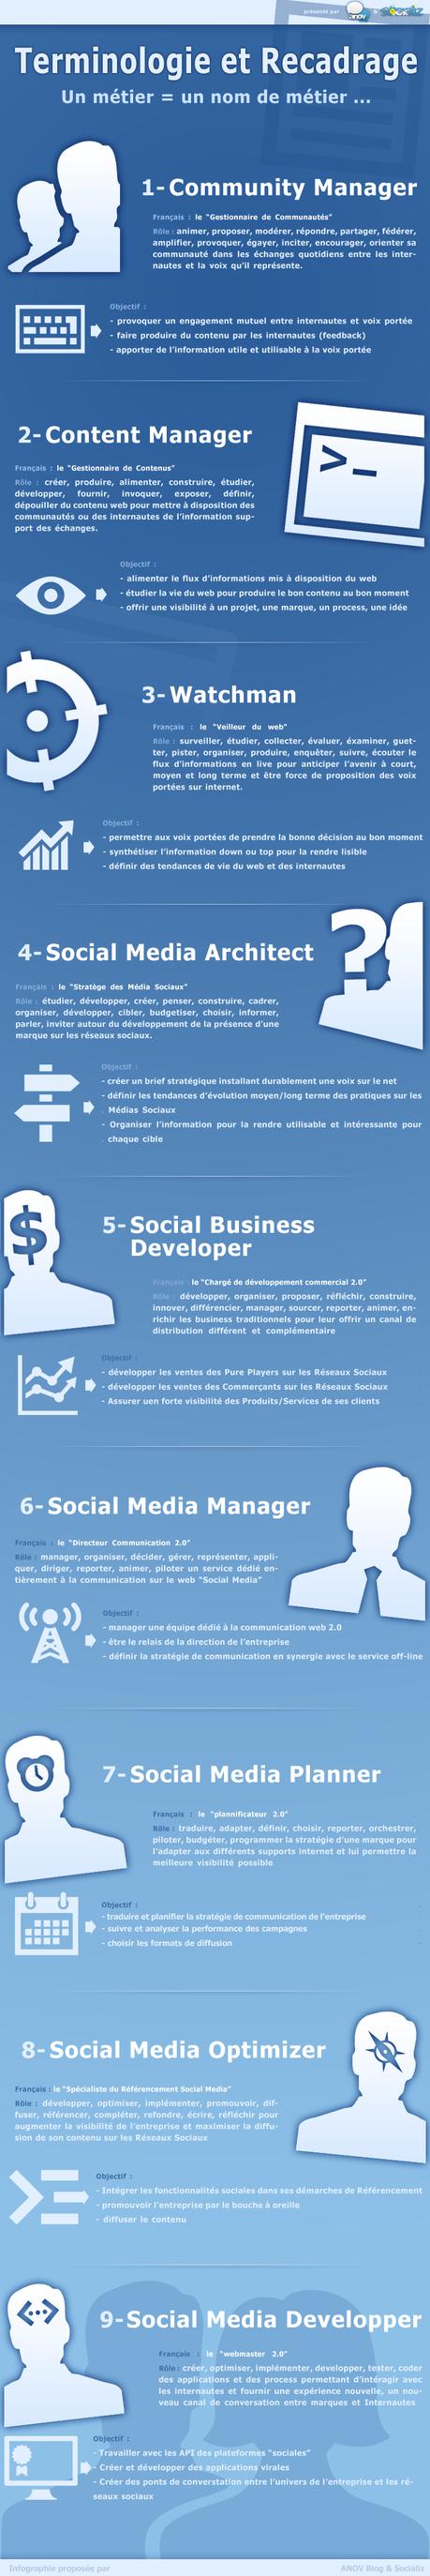 Les métiers du Web social